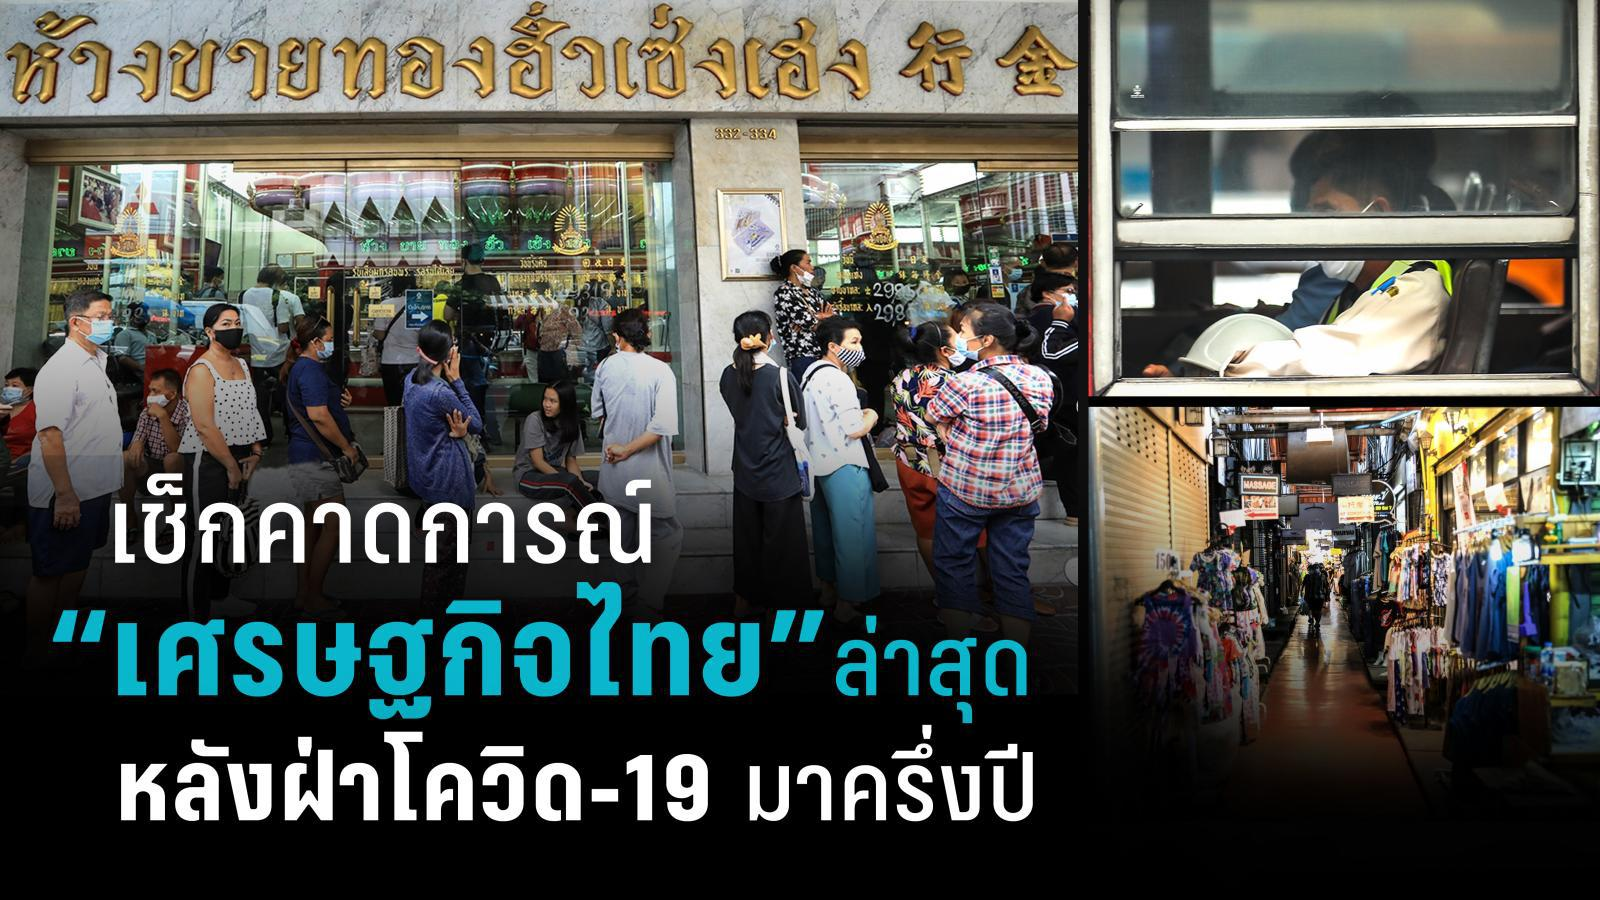 ครึ่งปี 63 โควิด-19 ฉุดเศรษฐกิจไทยทรุดหนัก!